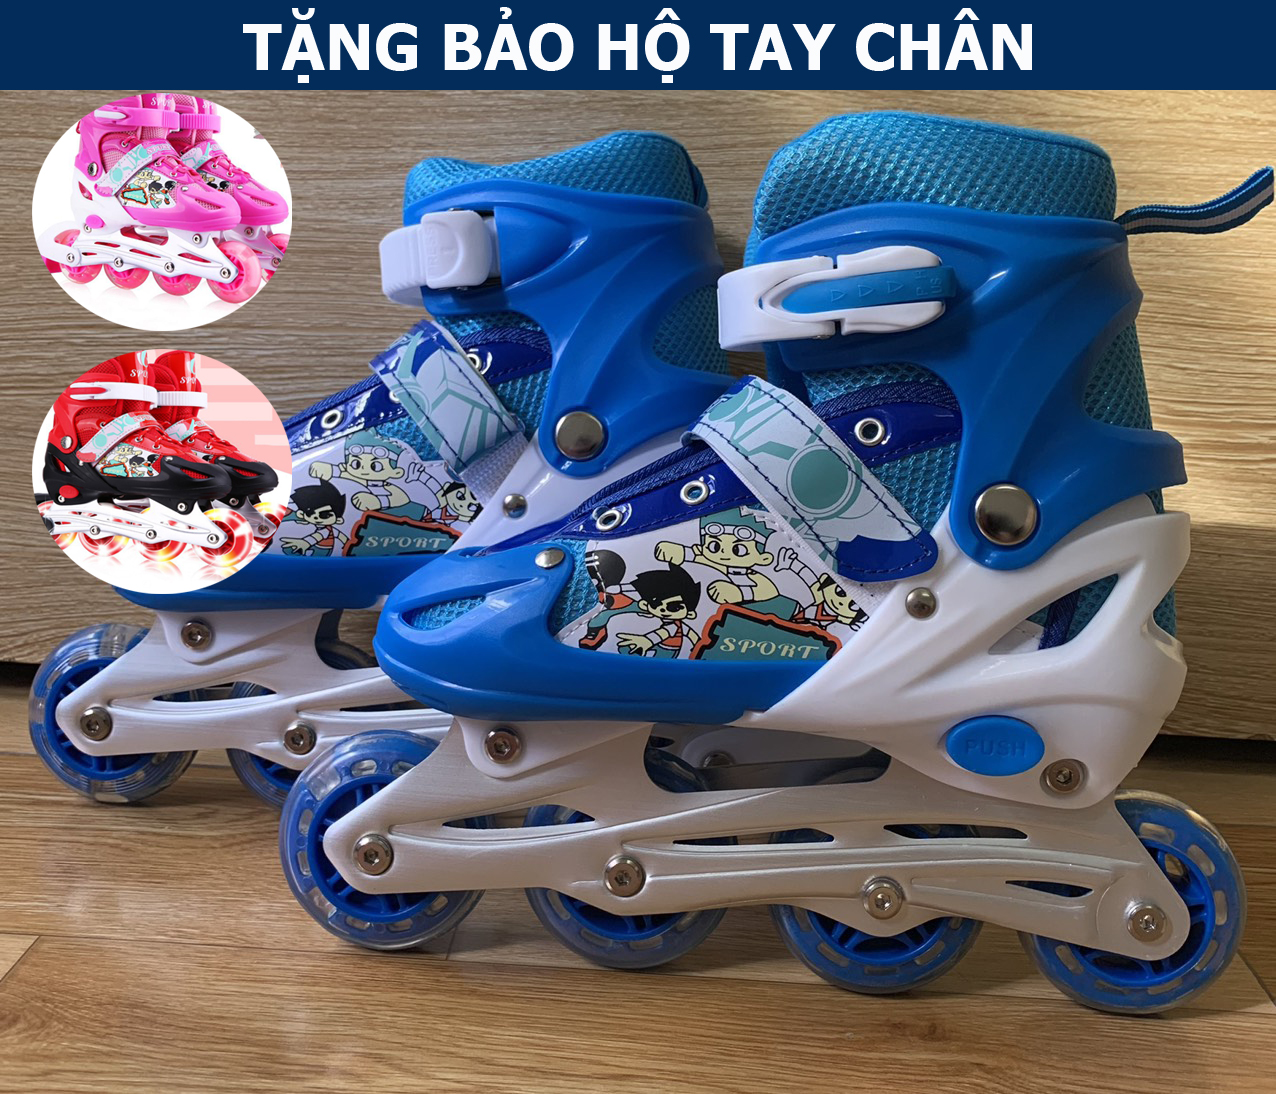 Giày patin trẻ em Sports tặng kèm bảo hộ tay và đầu gối